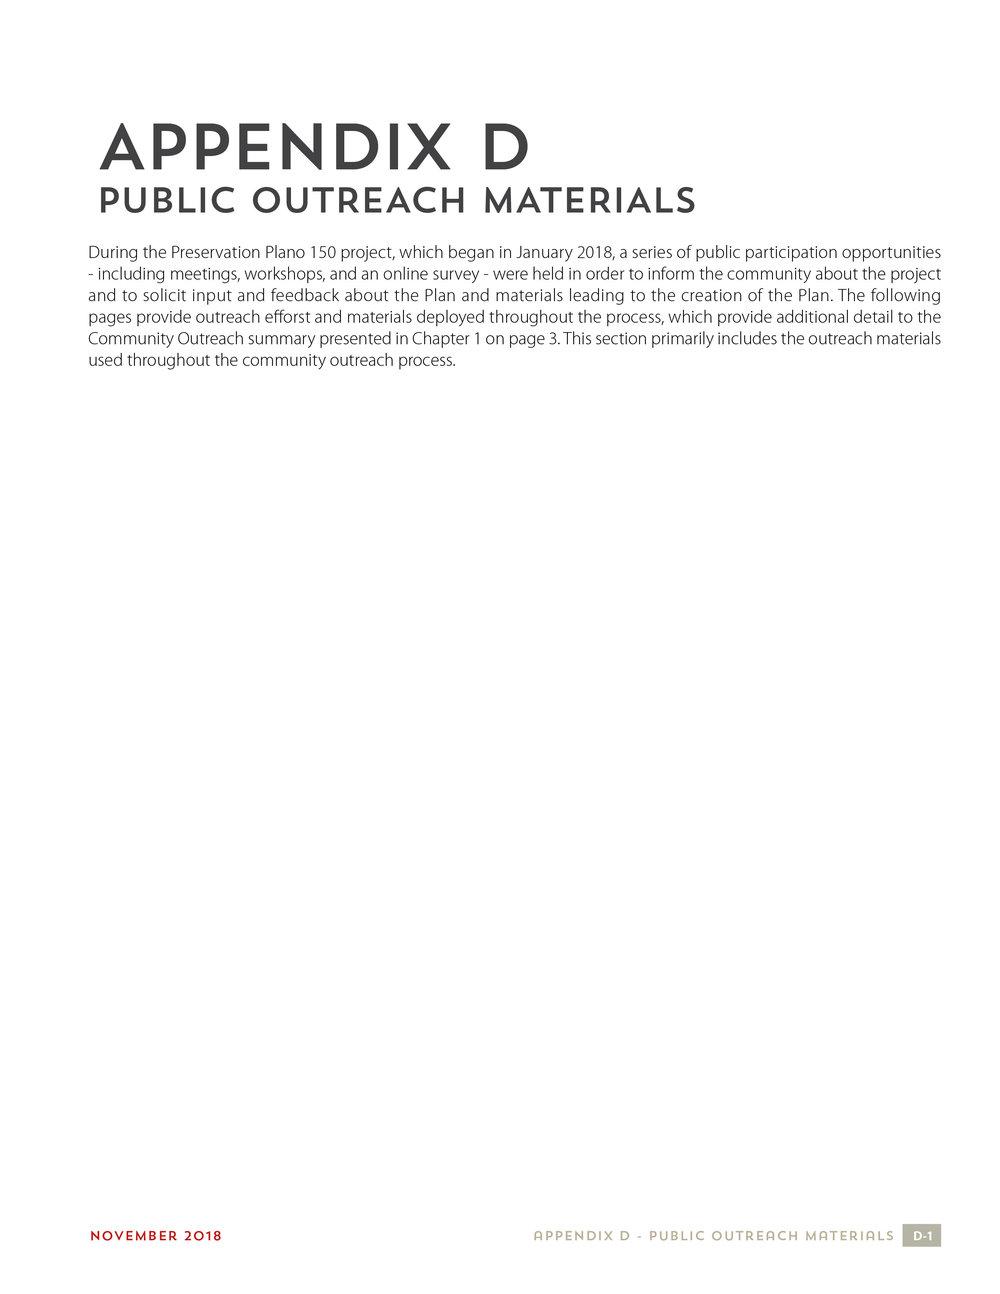 Appendix D - Public Outreach Materials